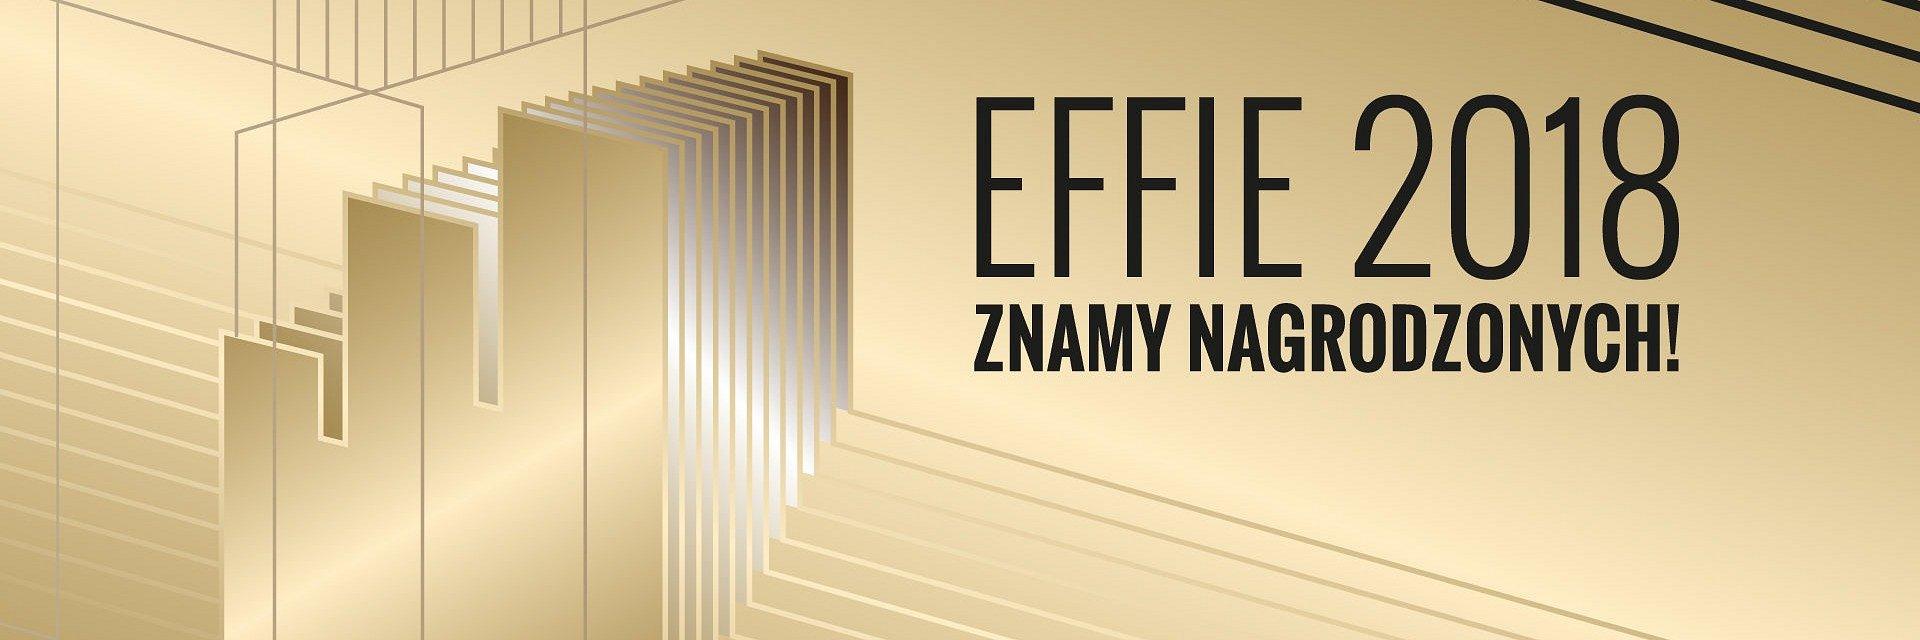 Złote Effie dla VMLY&R Poland i mBank